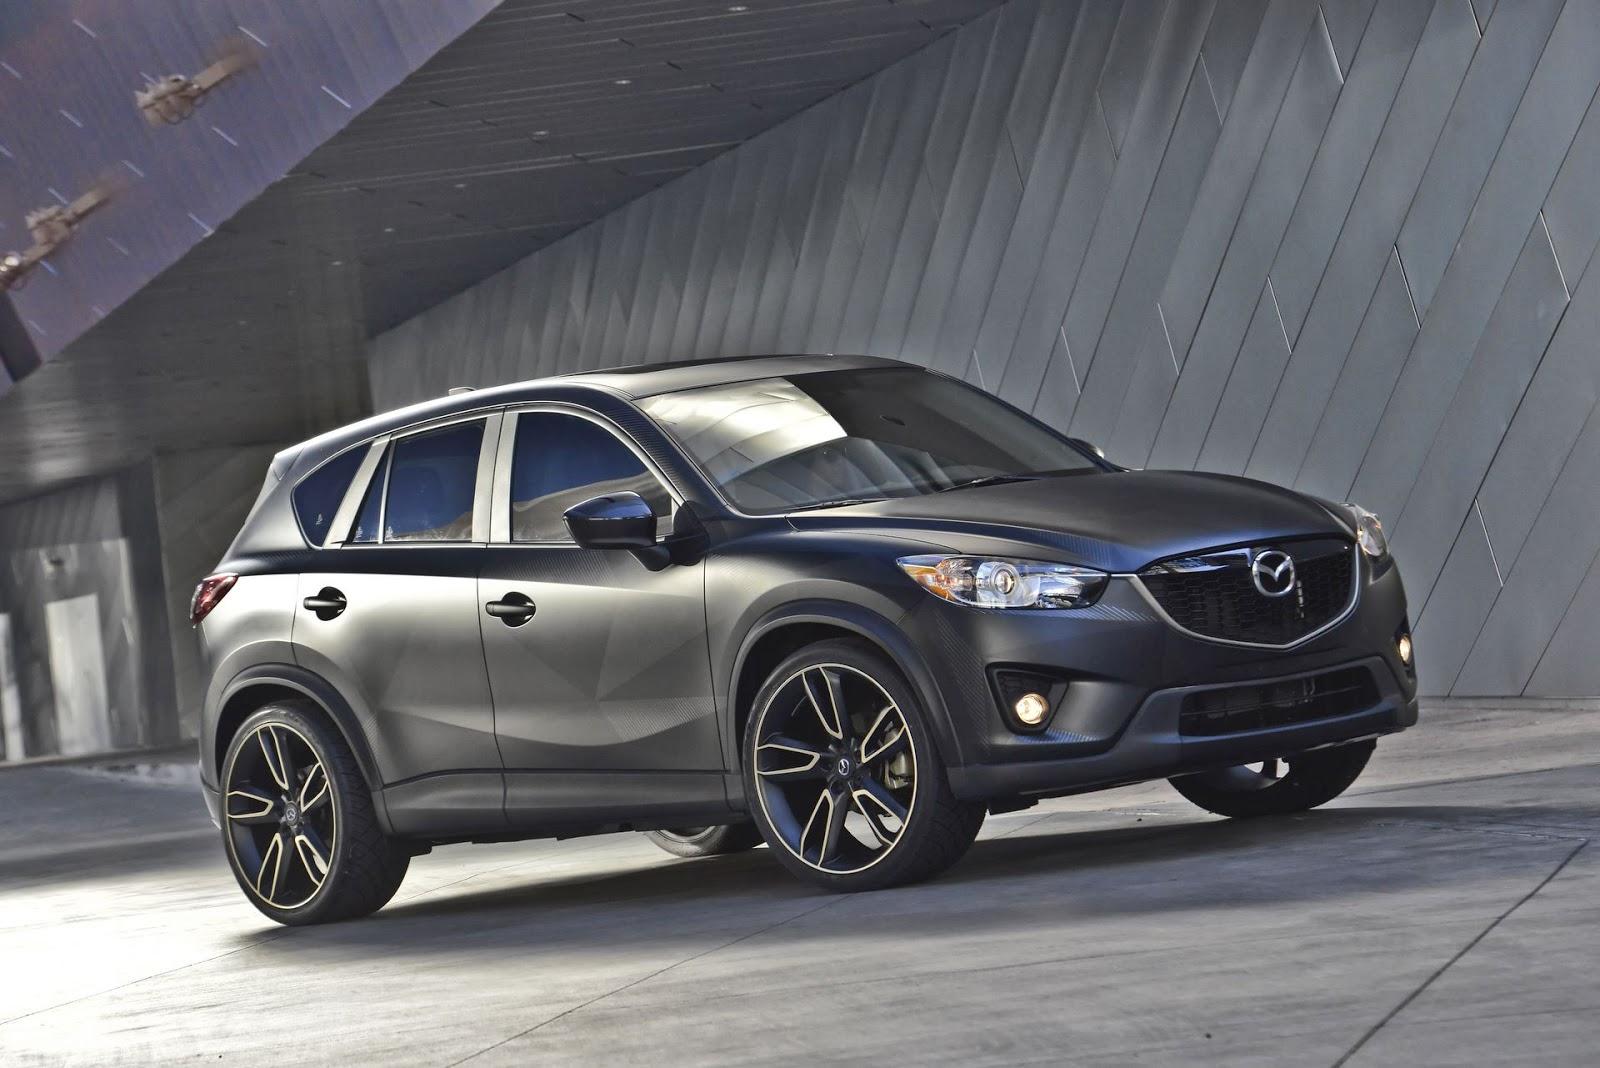 Kelebihan Kekurangan Mazda Cx 5 2010 Top Model Tahun Ini